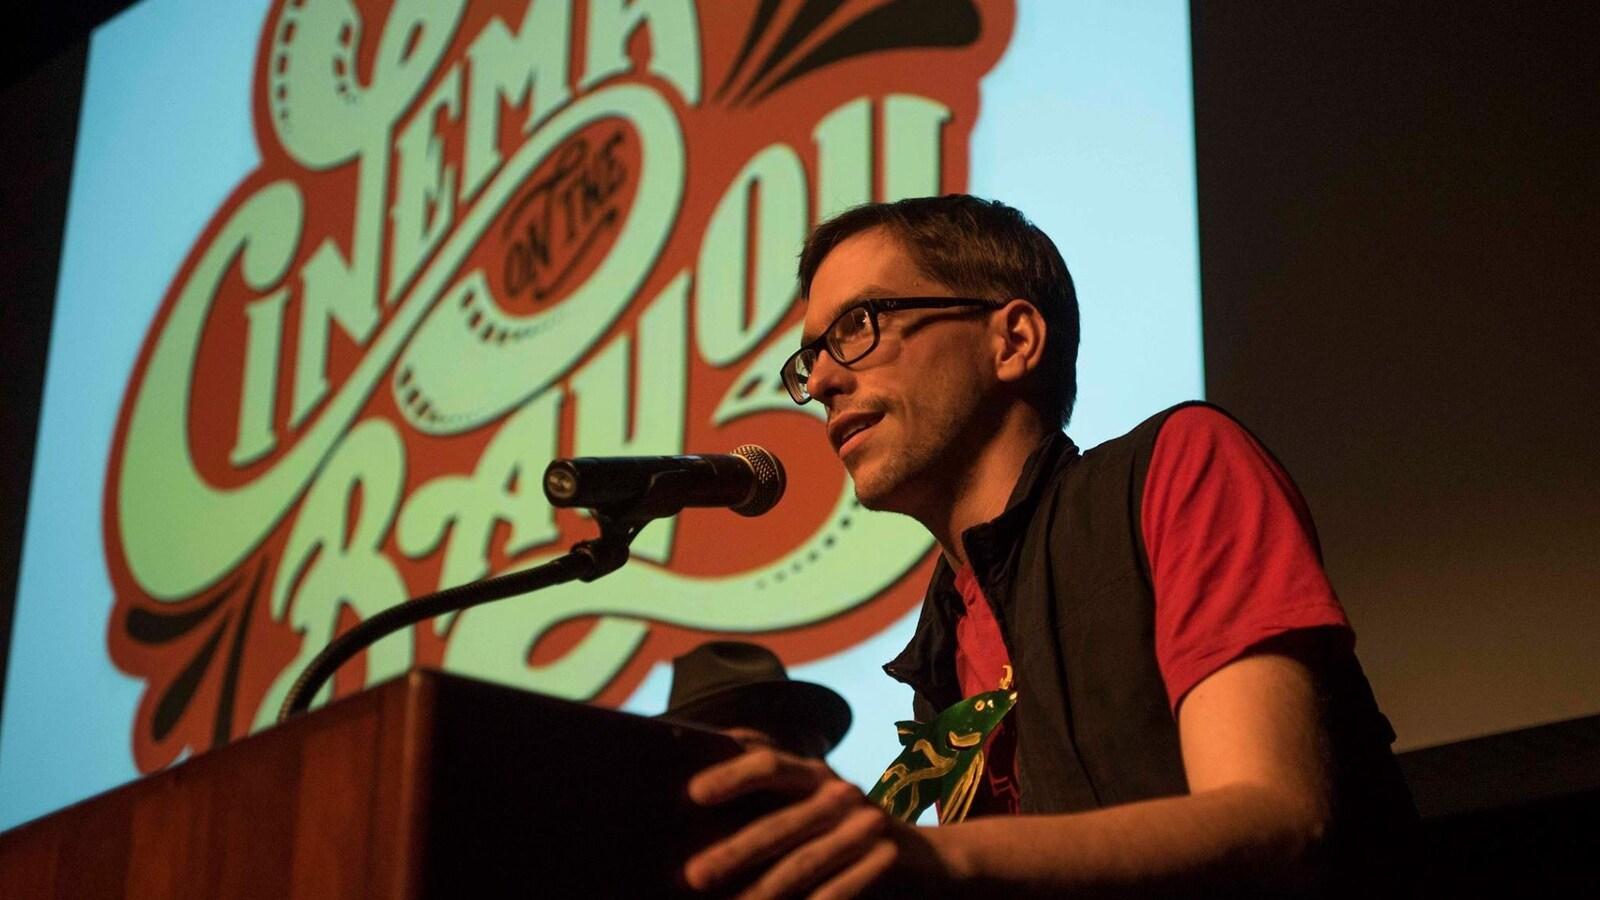 s'est vu décerner le prix du meilleur court-métrage documentaire avec Lespouère.